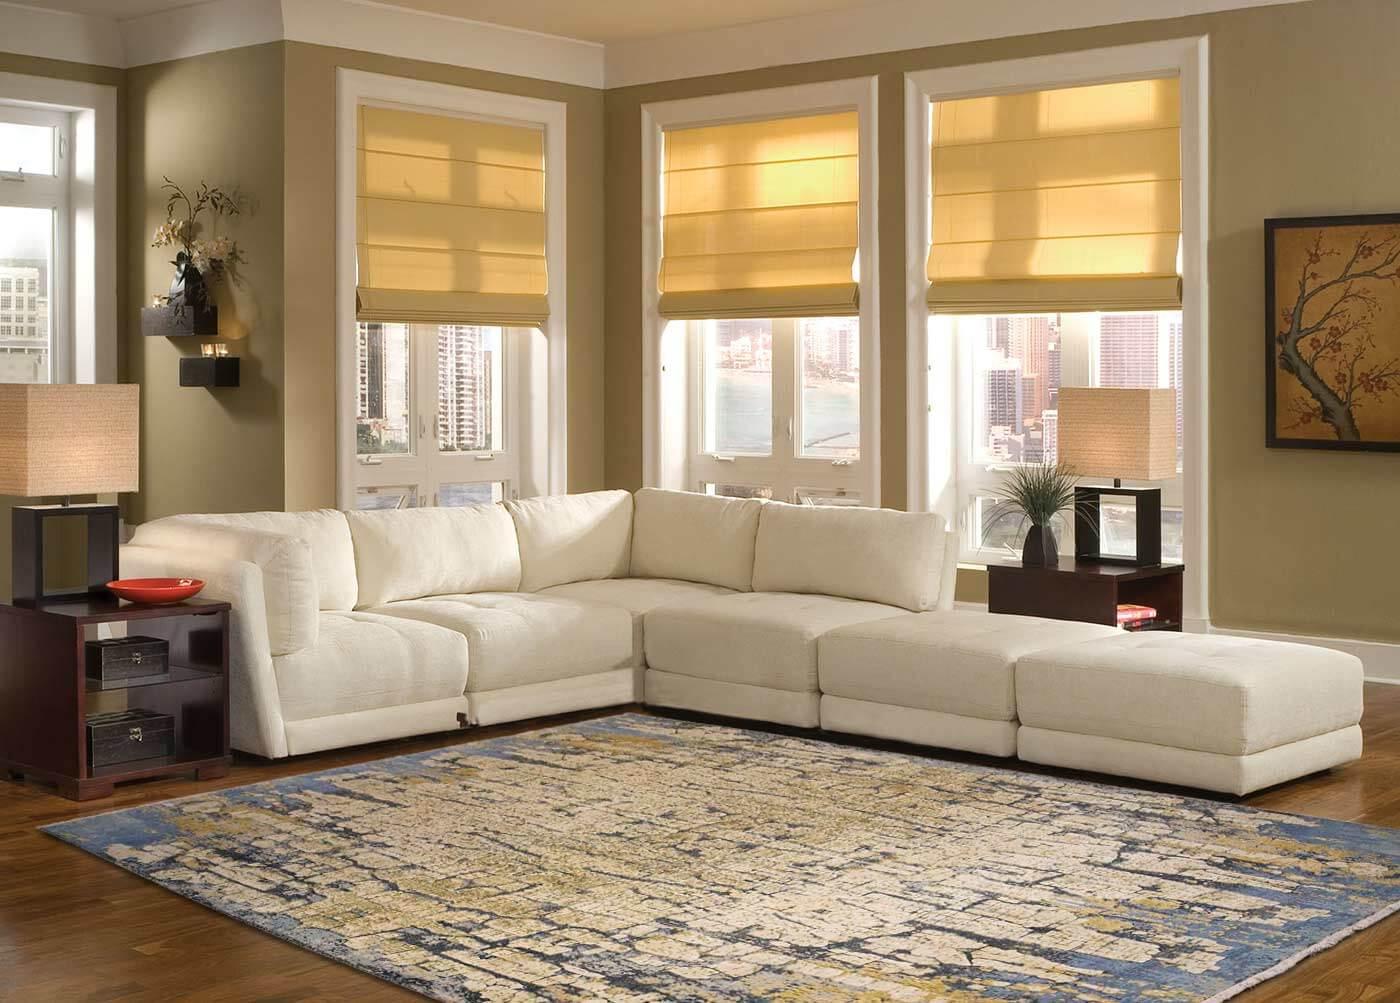 chelsea_design_oxidised_tapijt_moderne_tapijten_koreman_maastricht_305x244_blauw_creme_beige_interieur2